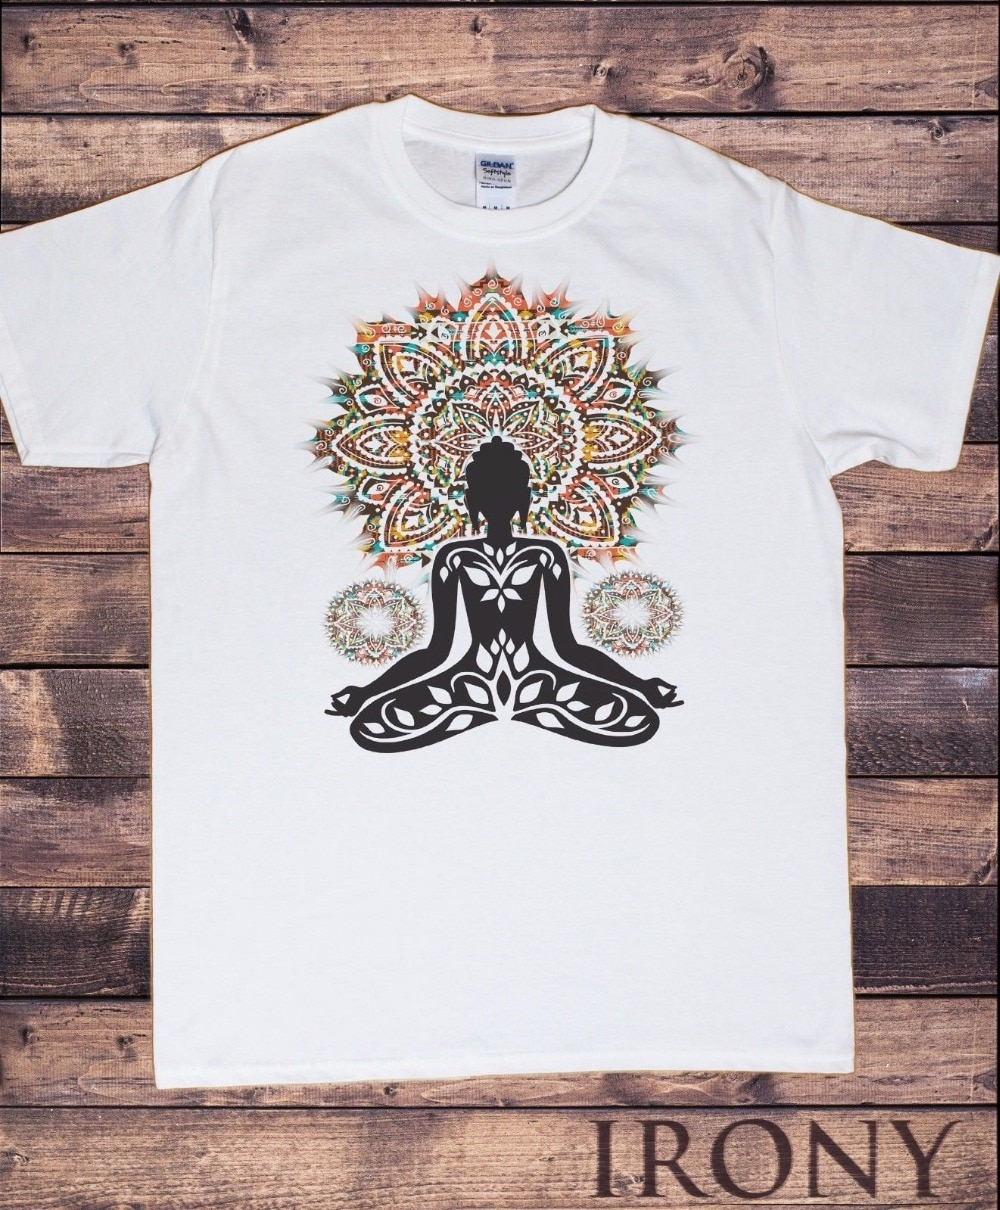 Hombres azteca Yoga Top Buda Chakra meditación Zen Hobo Boho-paz camiseta 2019 nueva moda Camiseta de manga corta